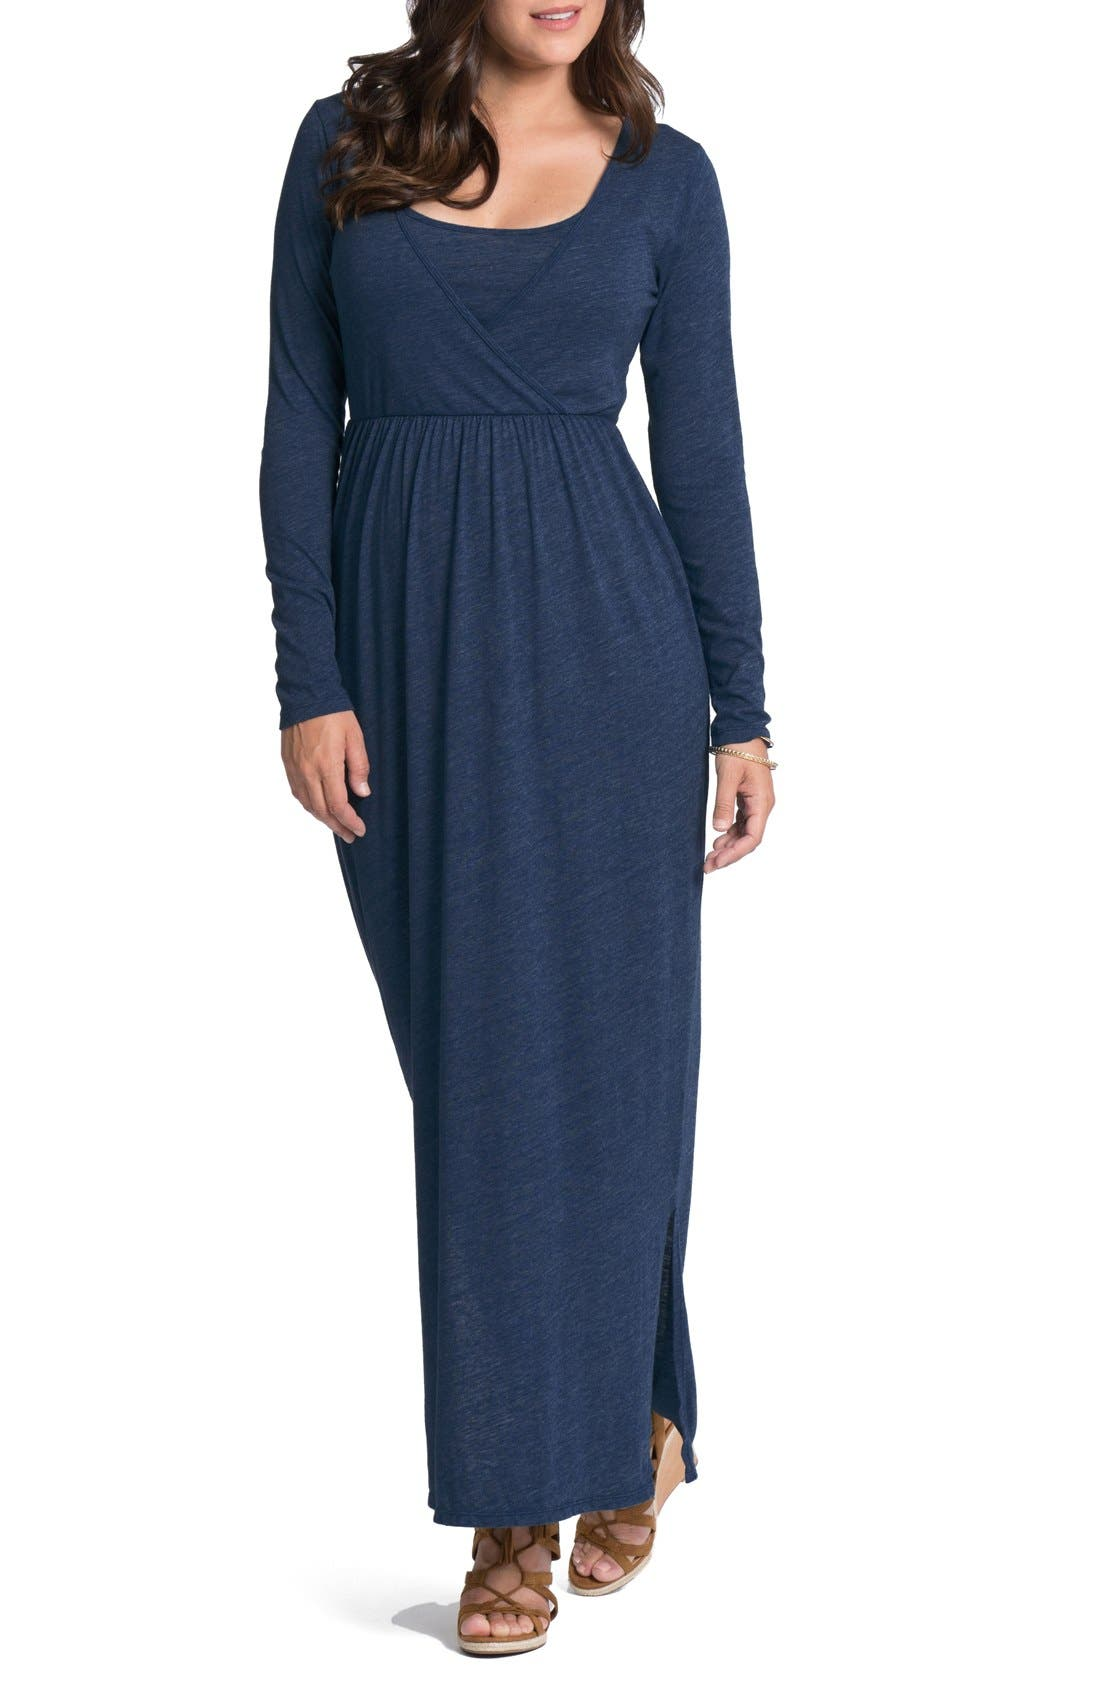 Bun Maternity Cross Top Maternity Maxi Dress